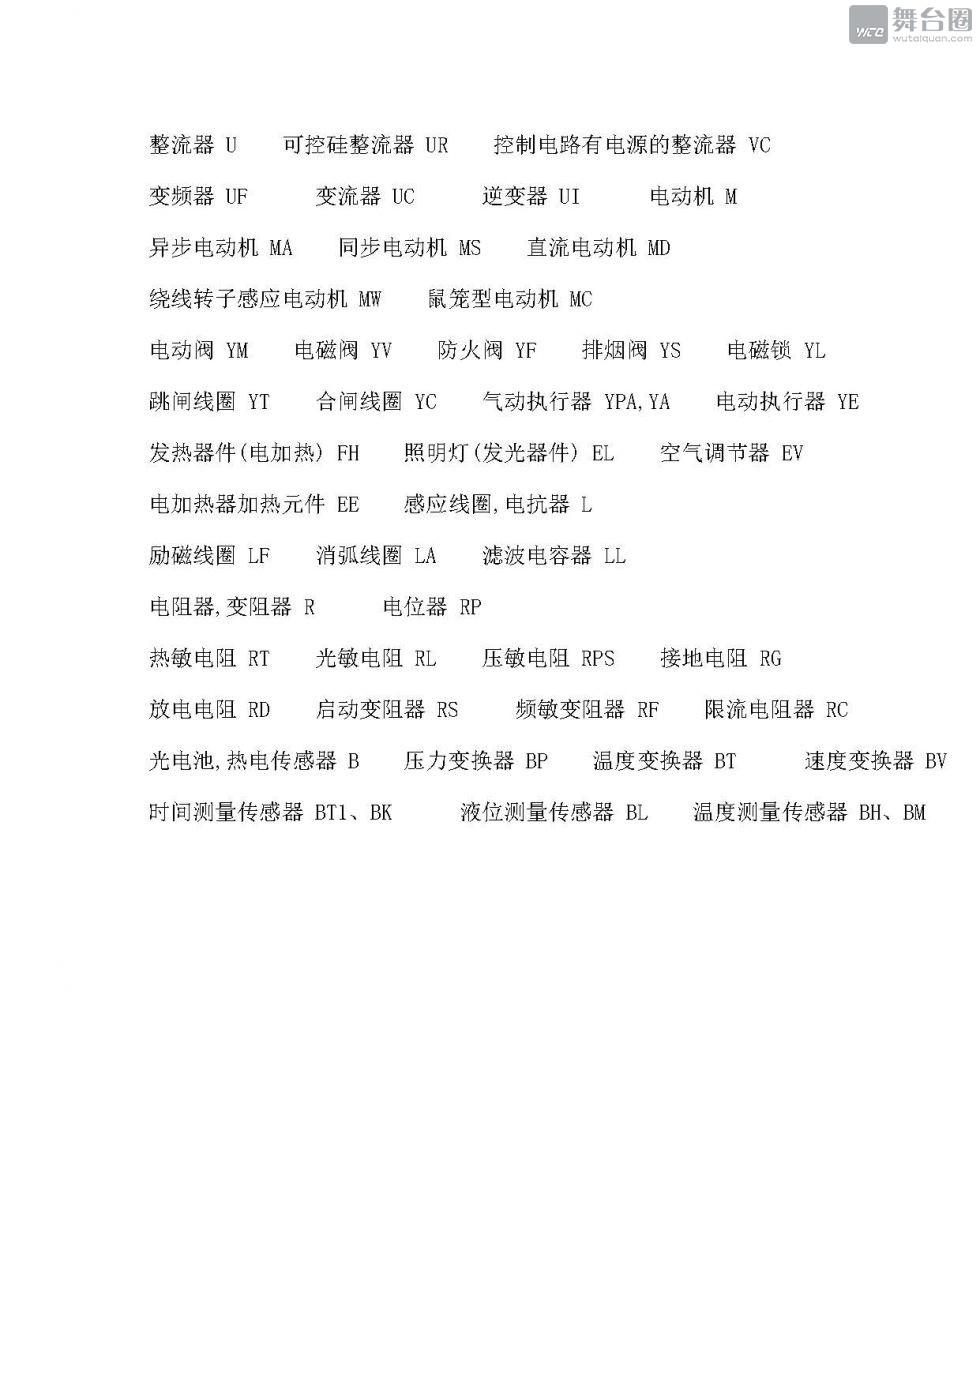 电子元件符号大全_页面_10.jpg